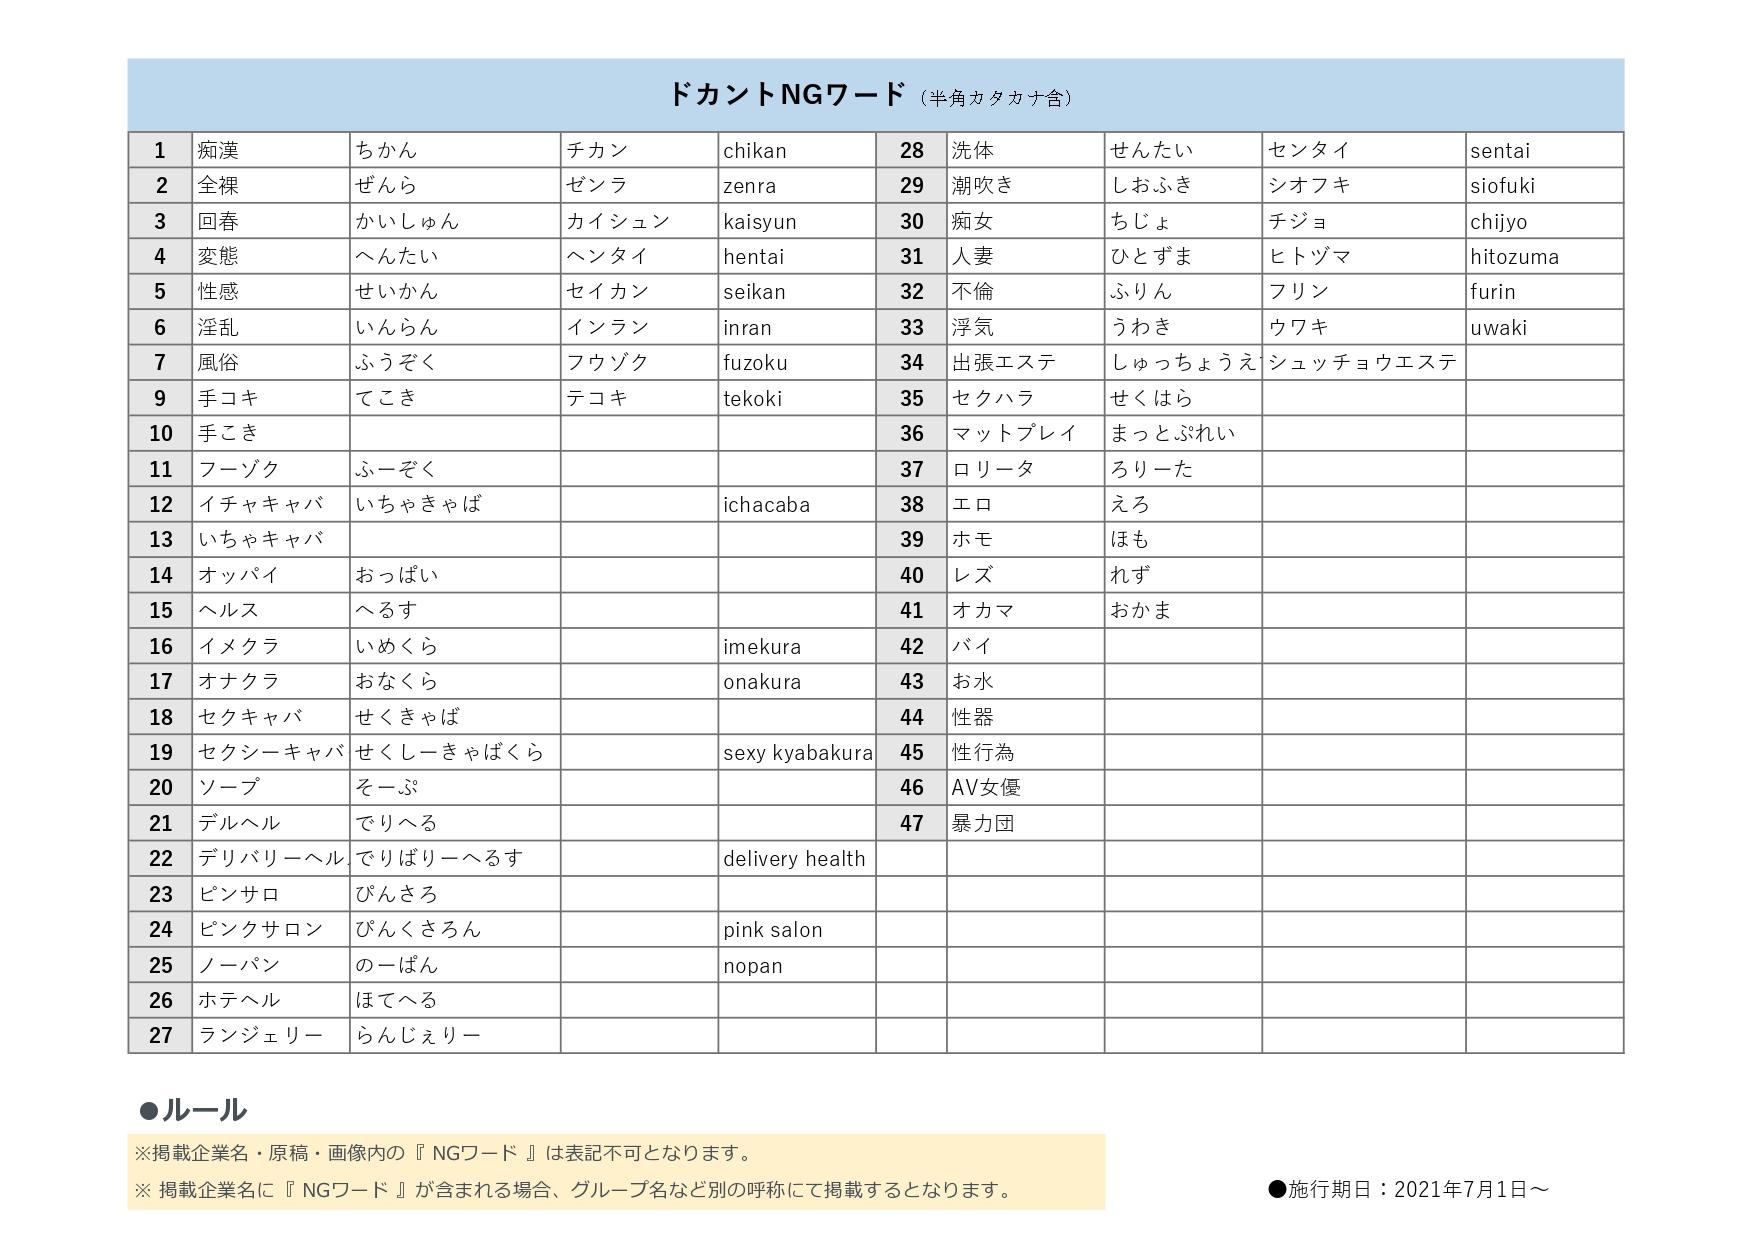 【ドカント】NGワード(半角カタカナ含)